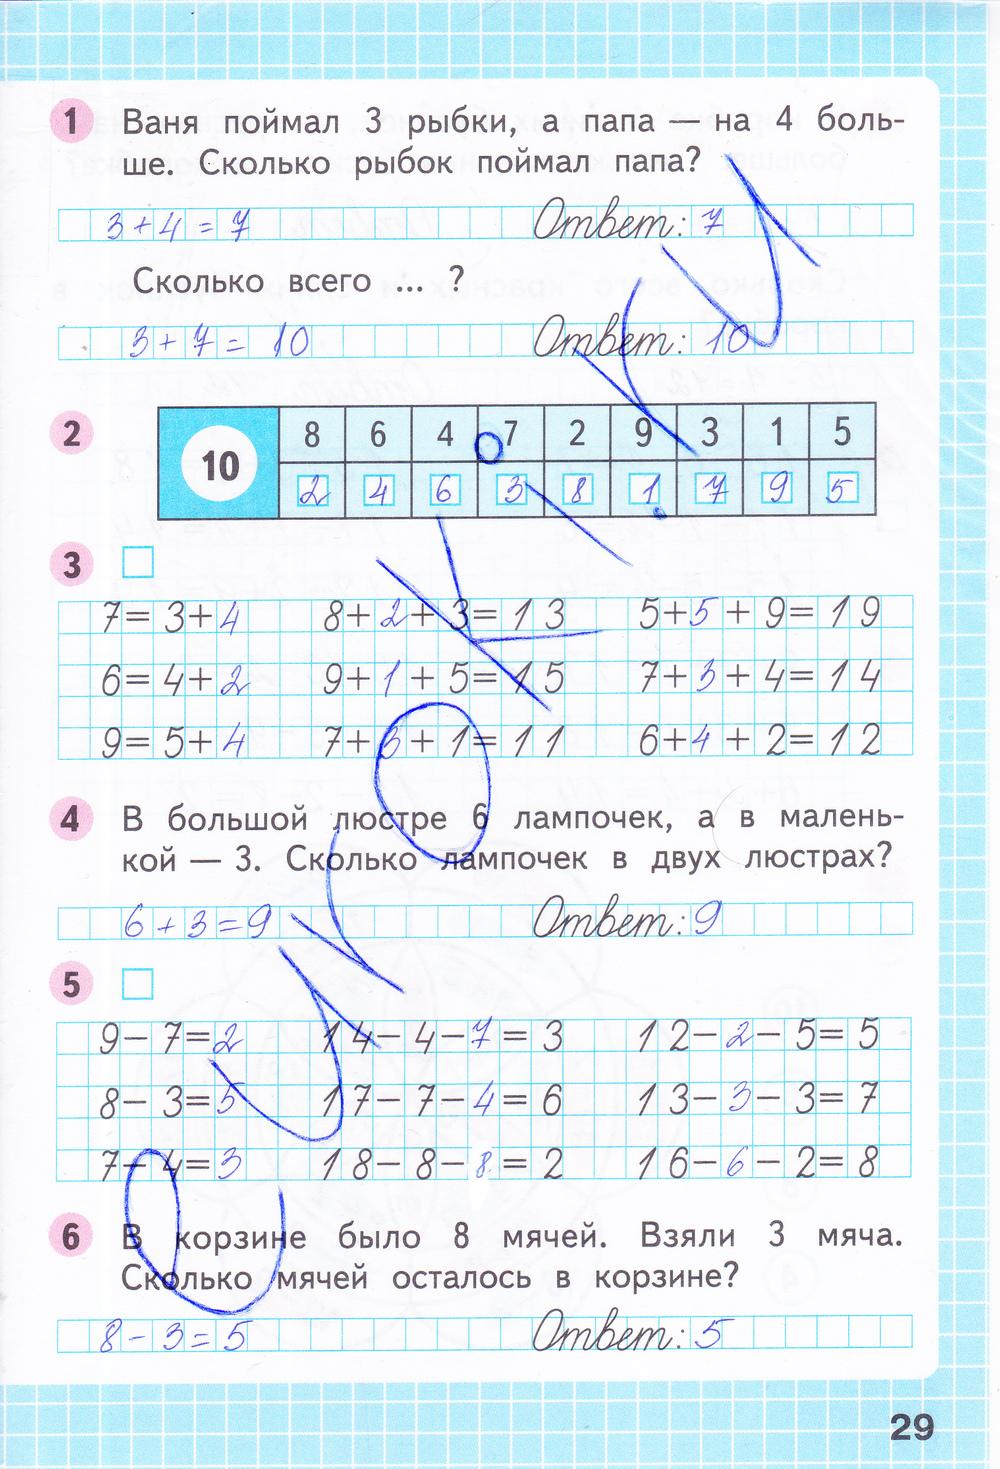 ГДЗ по математике 1 класс рабочая тетрадь Моро, Волкова Часть 1, 2. Задание: стр. 29